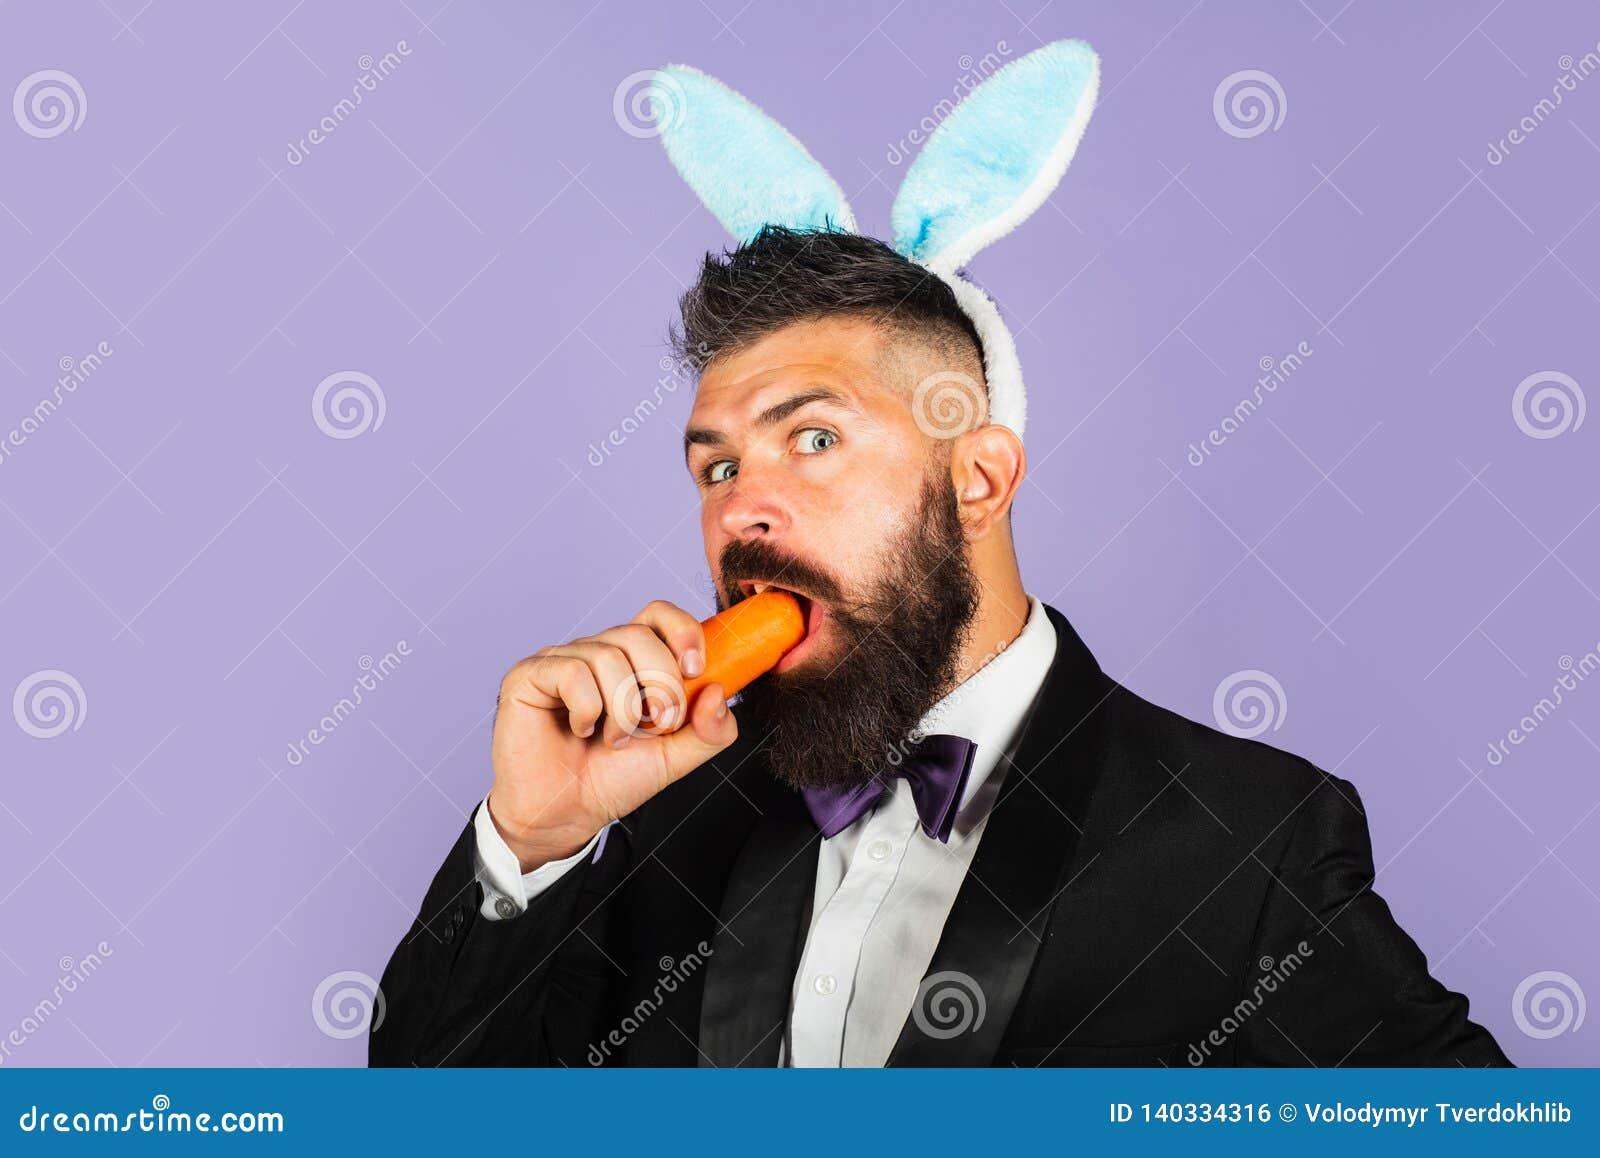 Wielkanocny Wakacyjny pojęcie Komiczka, śmieszny, przystojny mężczyzna, jest ubranym królików ucho na głowach pojęcie zdrowy